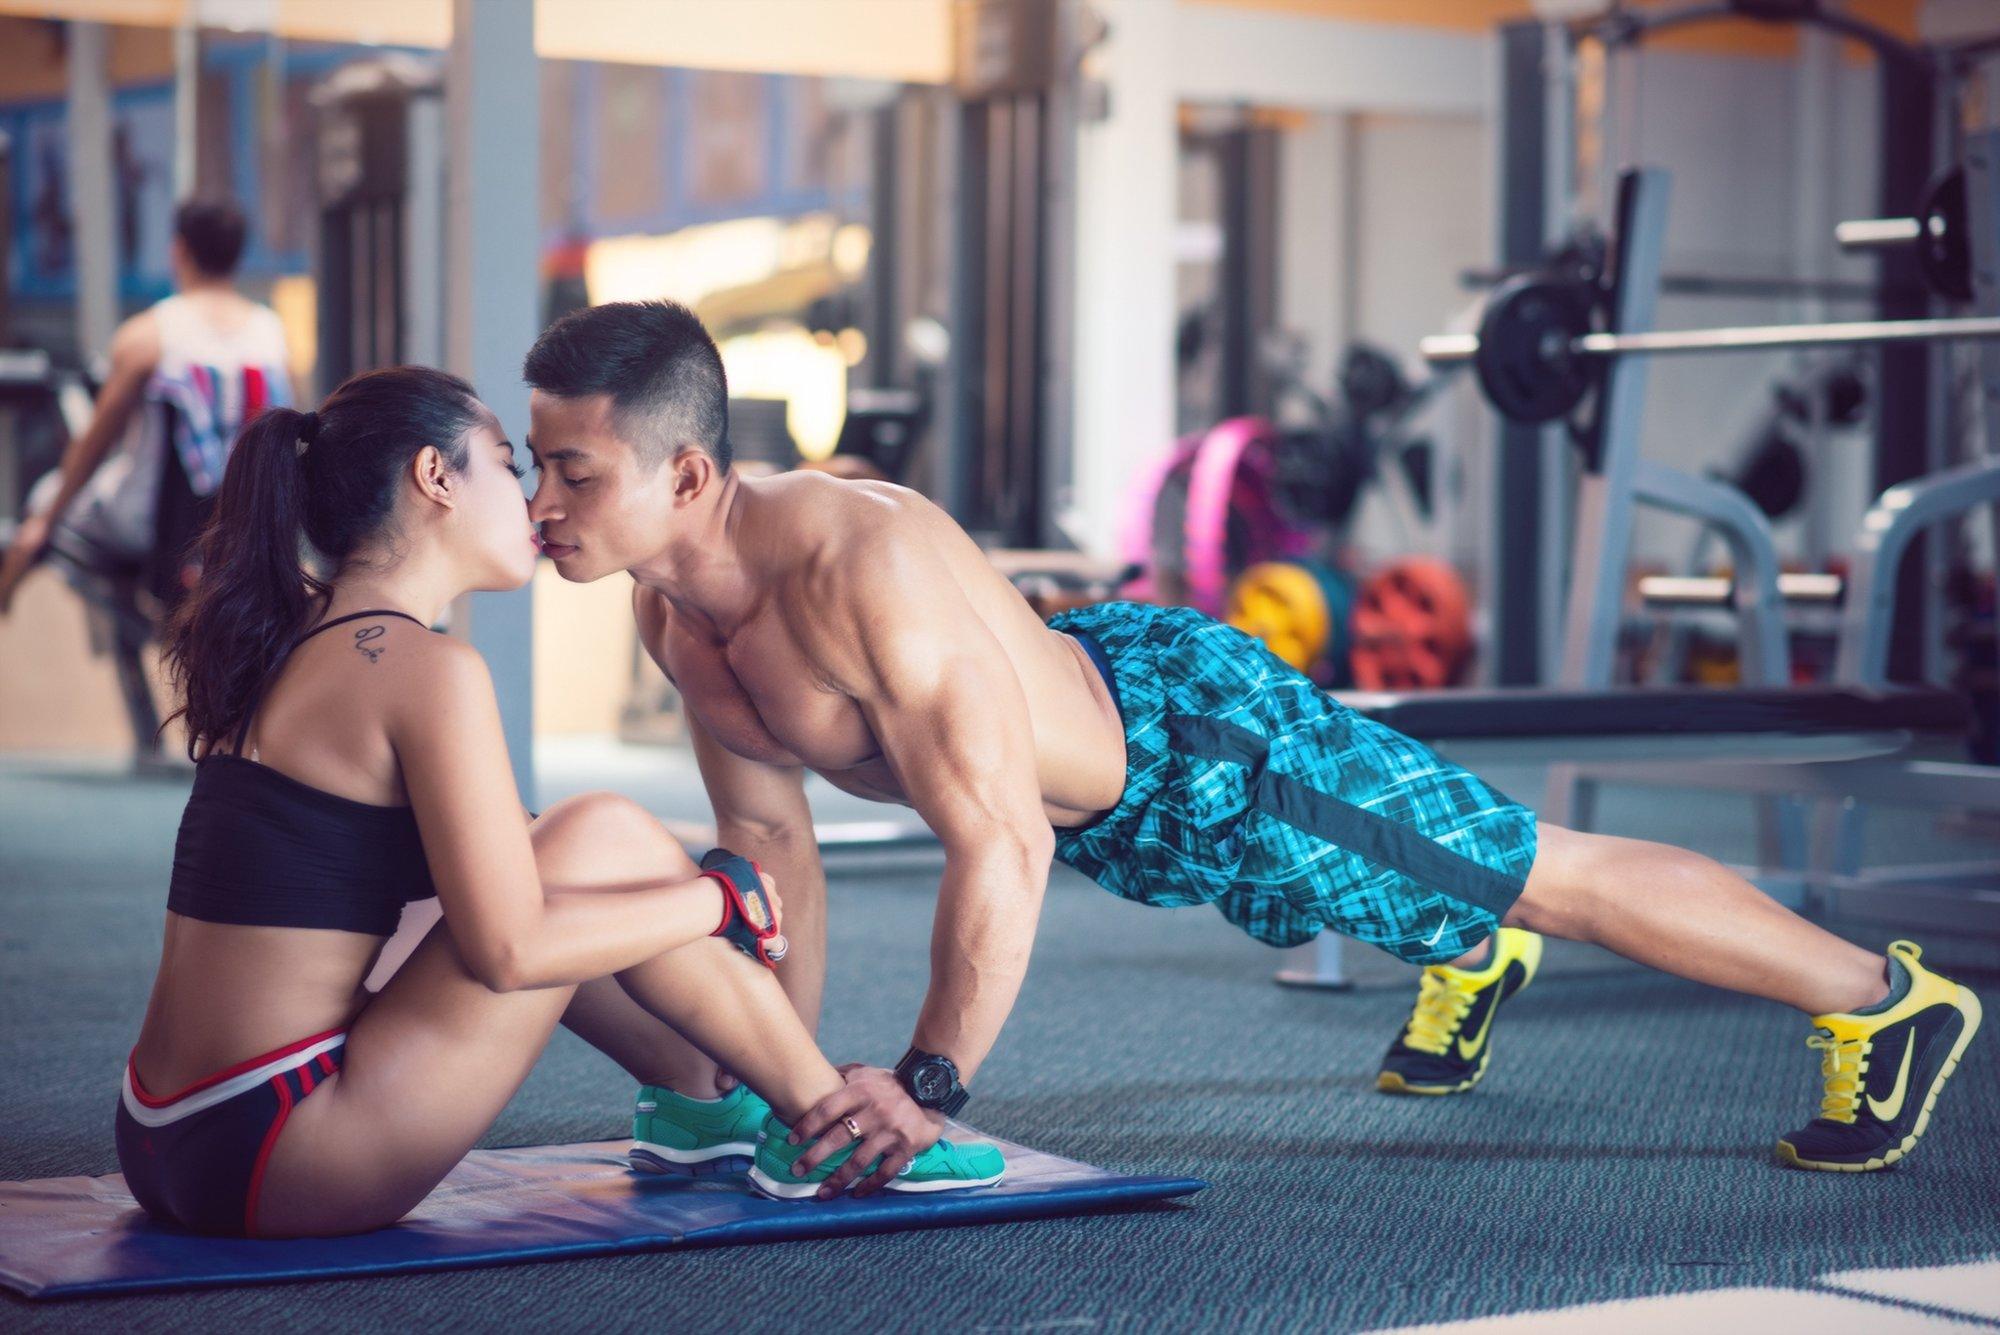 Як спільні заняття спортом допоможуть зміцнити стосунки